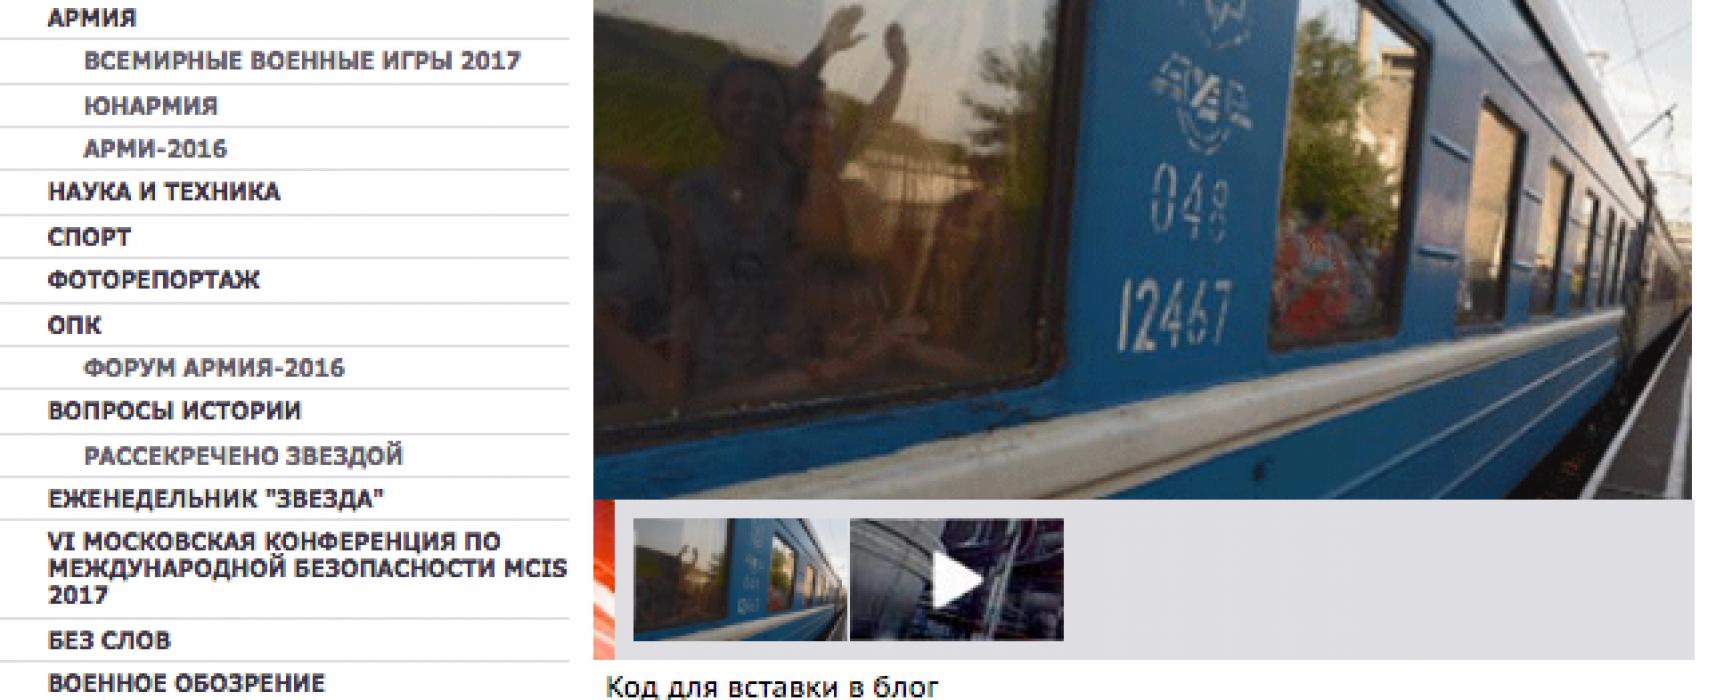 Fake: La liaison ferroviaire entre l'Ukraine et la Russie sera supprimée